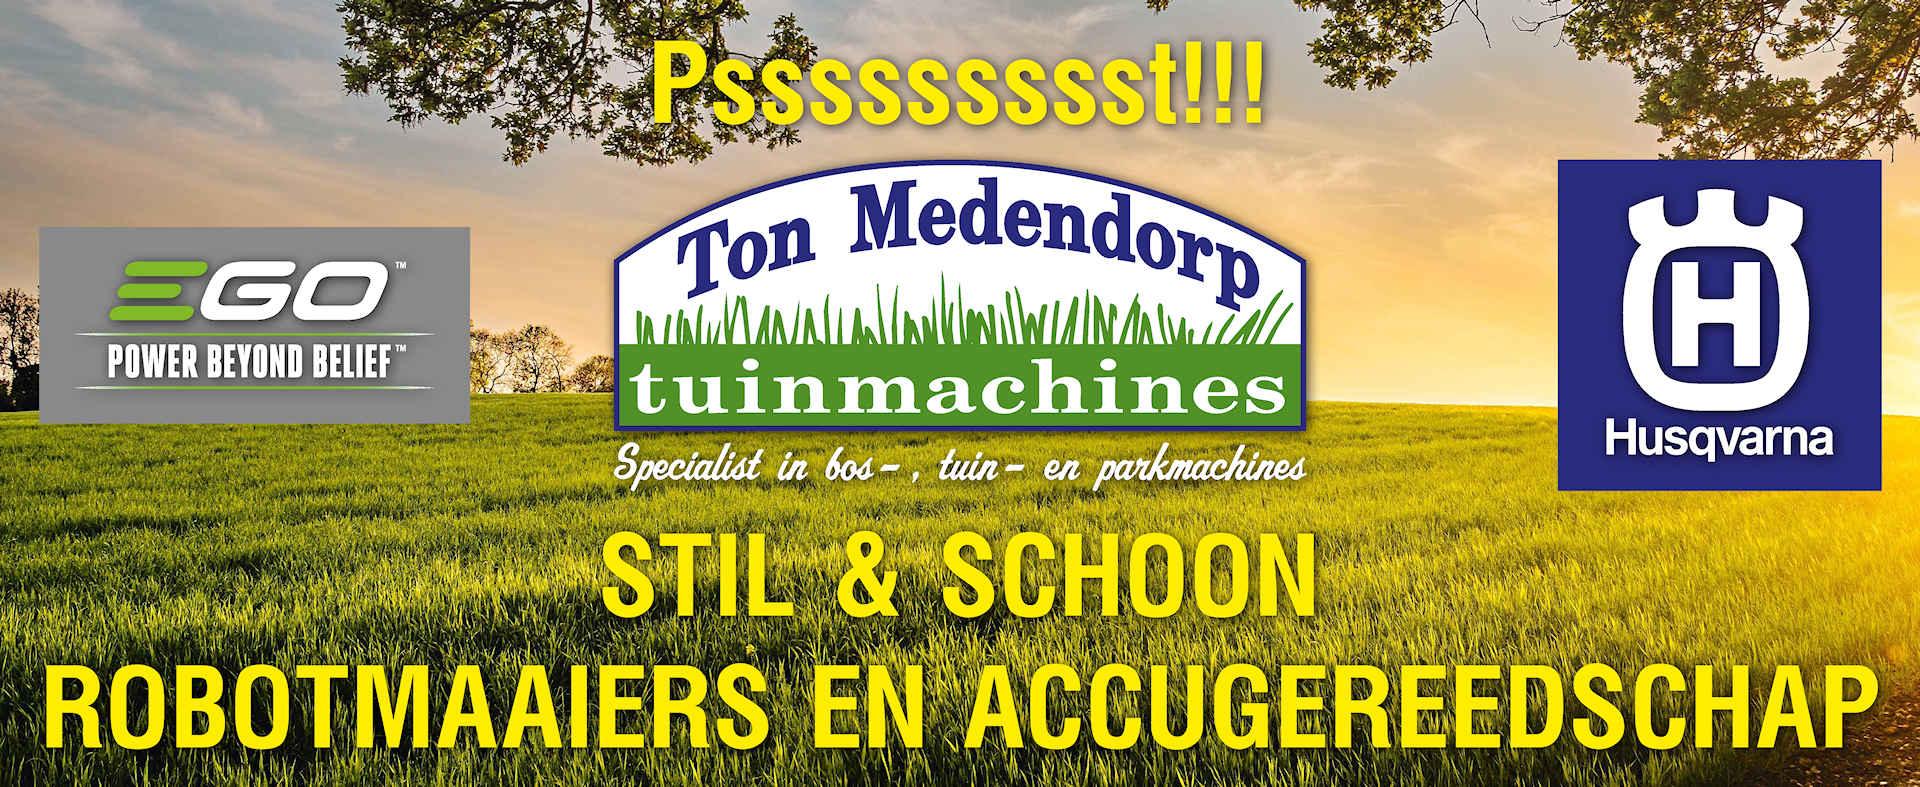 Ton Medendorp tuinmachines - Uithuizen